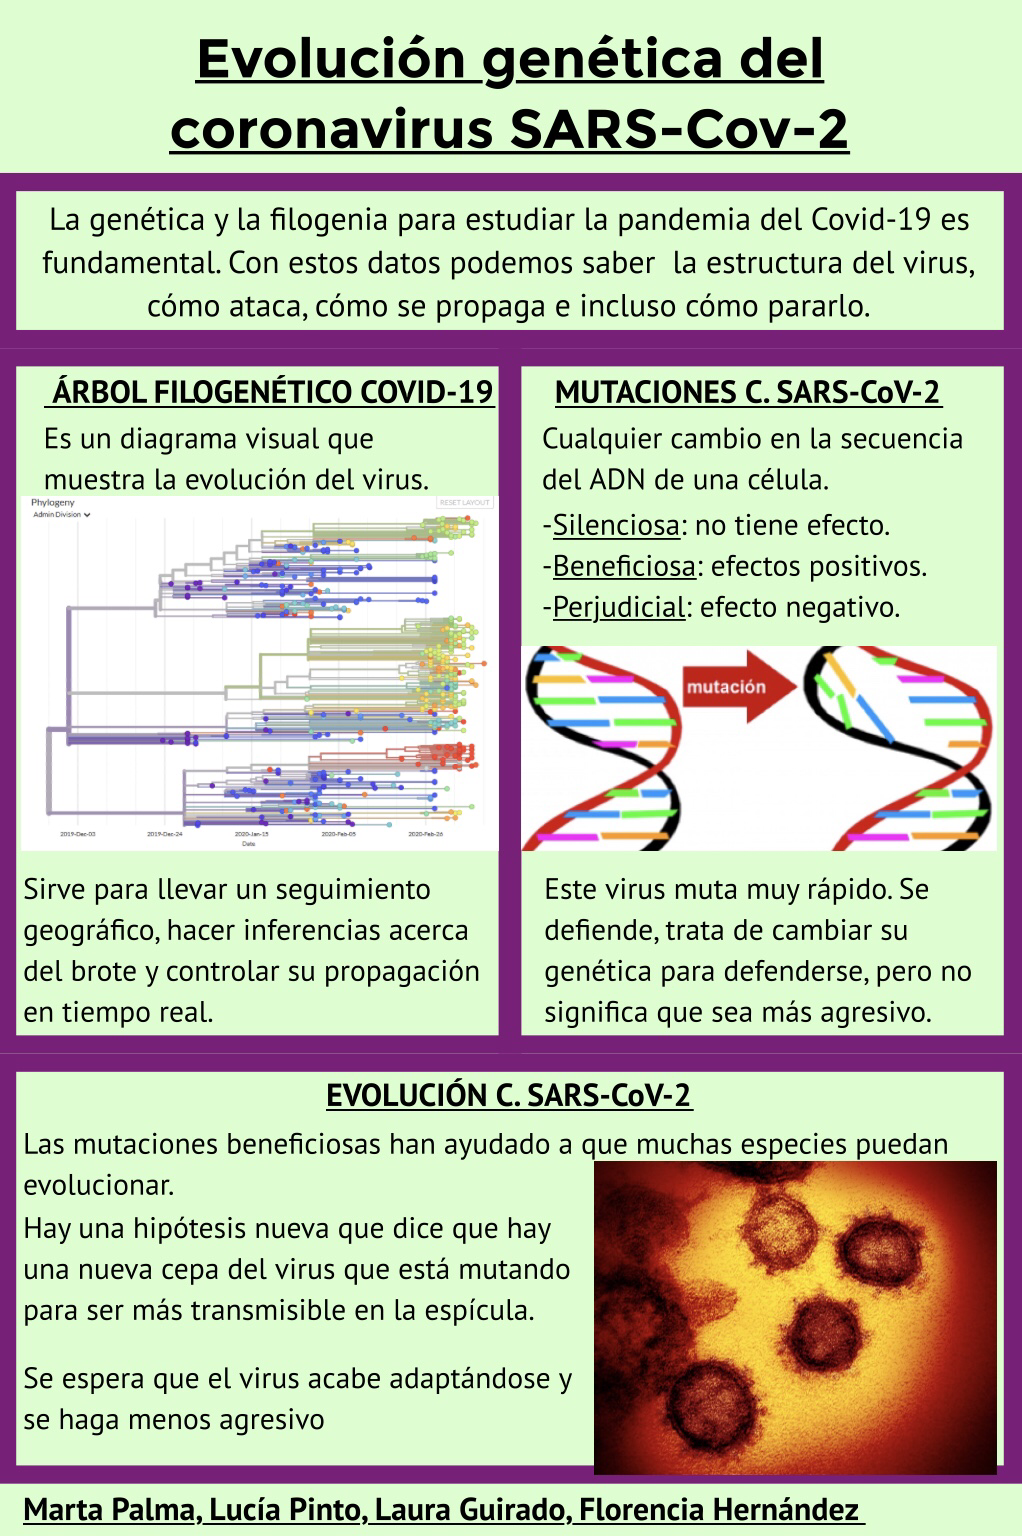 PÓSTER-CIENTÍFICO-SOBRE-LA-EVOLUCIÓN-GENÉTICA-DEL-CORONAVIRUS-SARS-CoV-2-12-may-2020-17_53